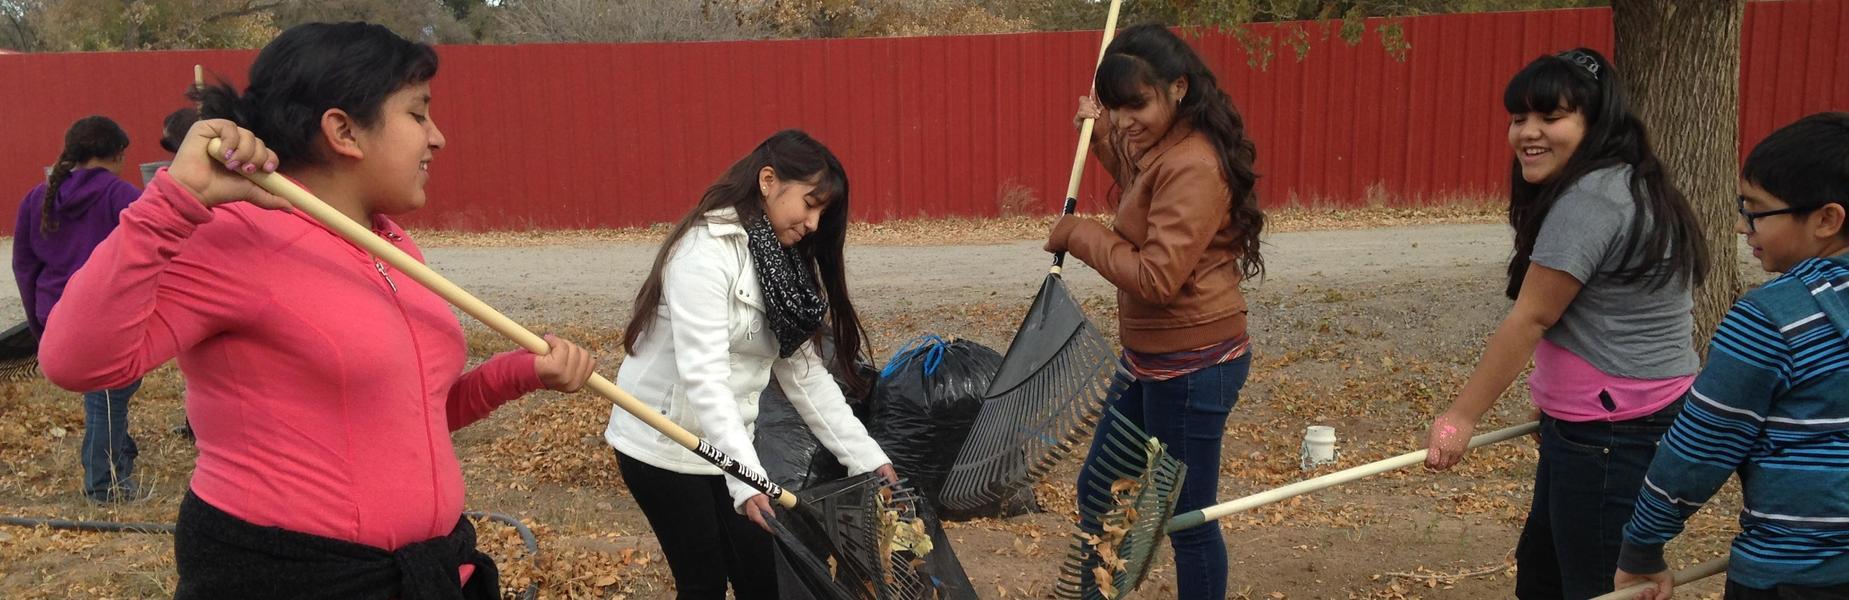 SVA students raking leaves